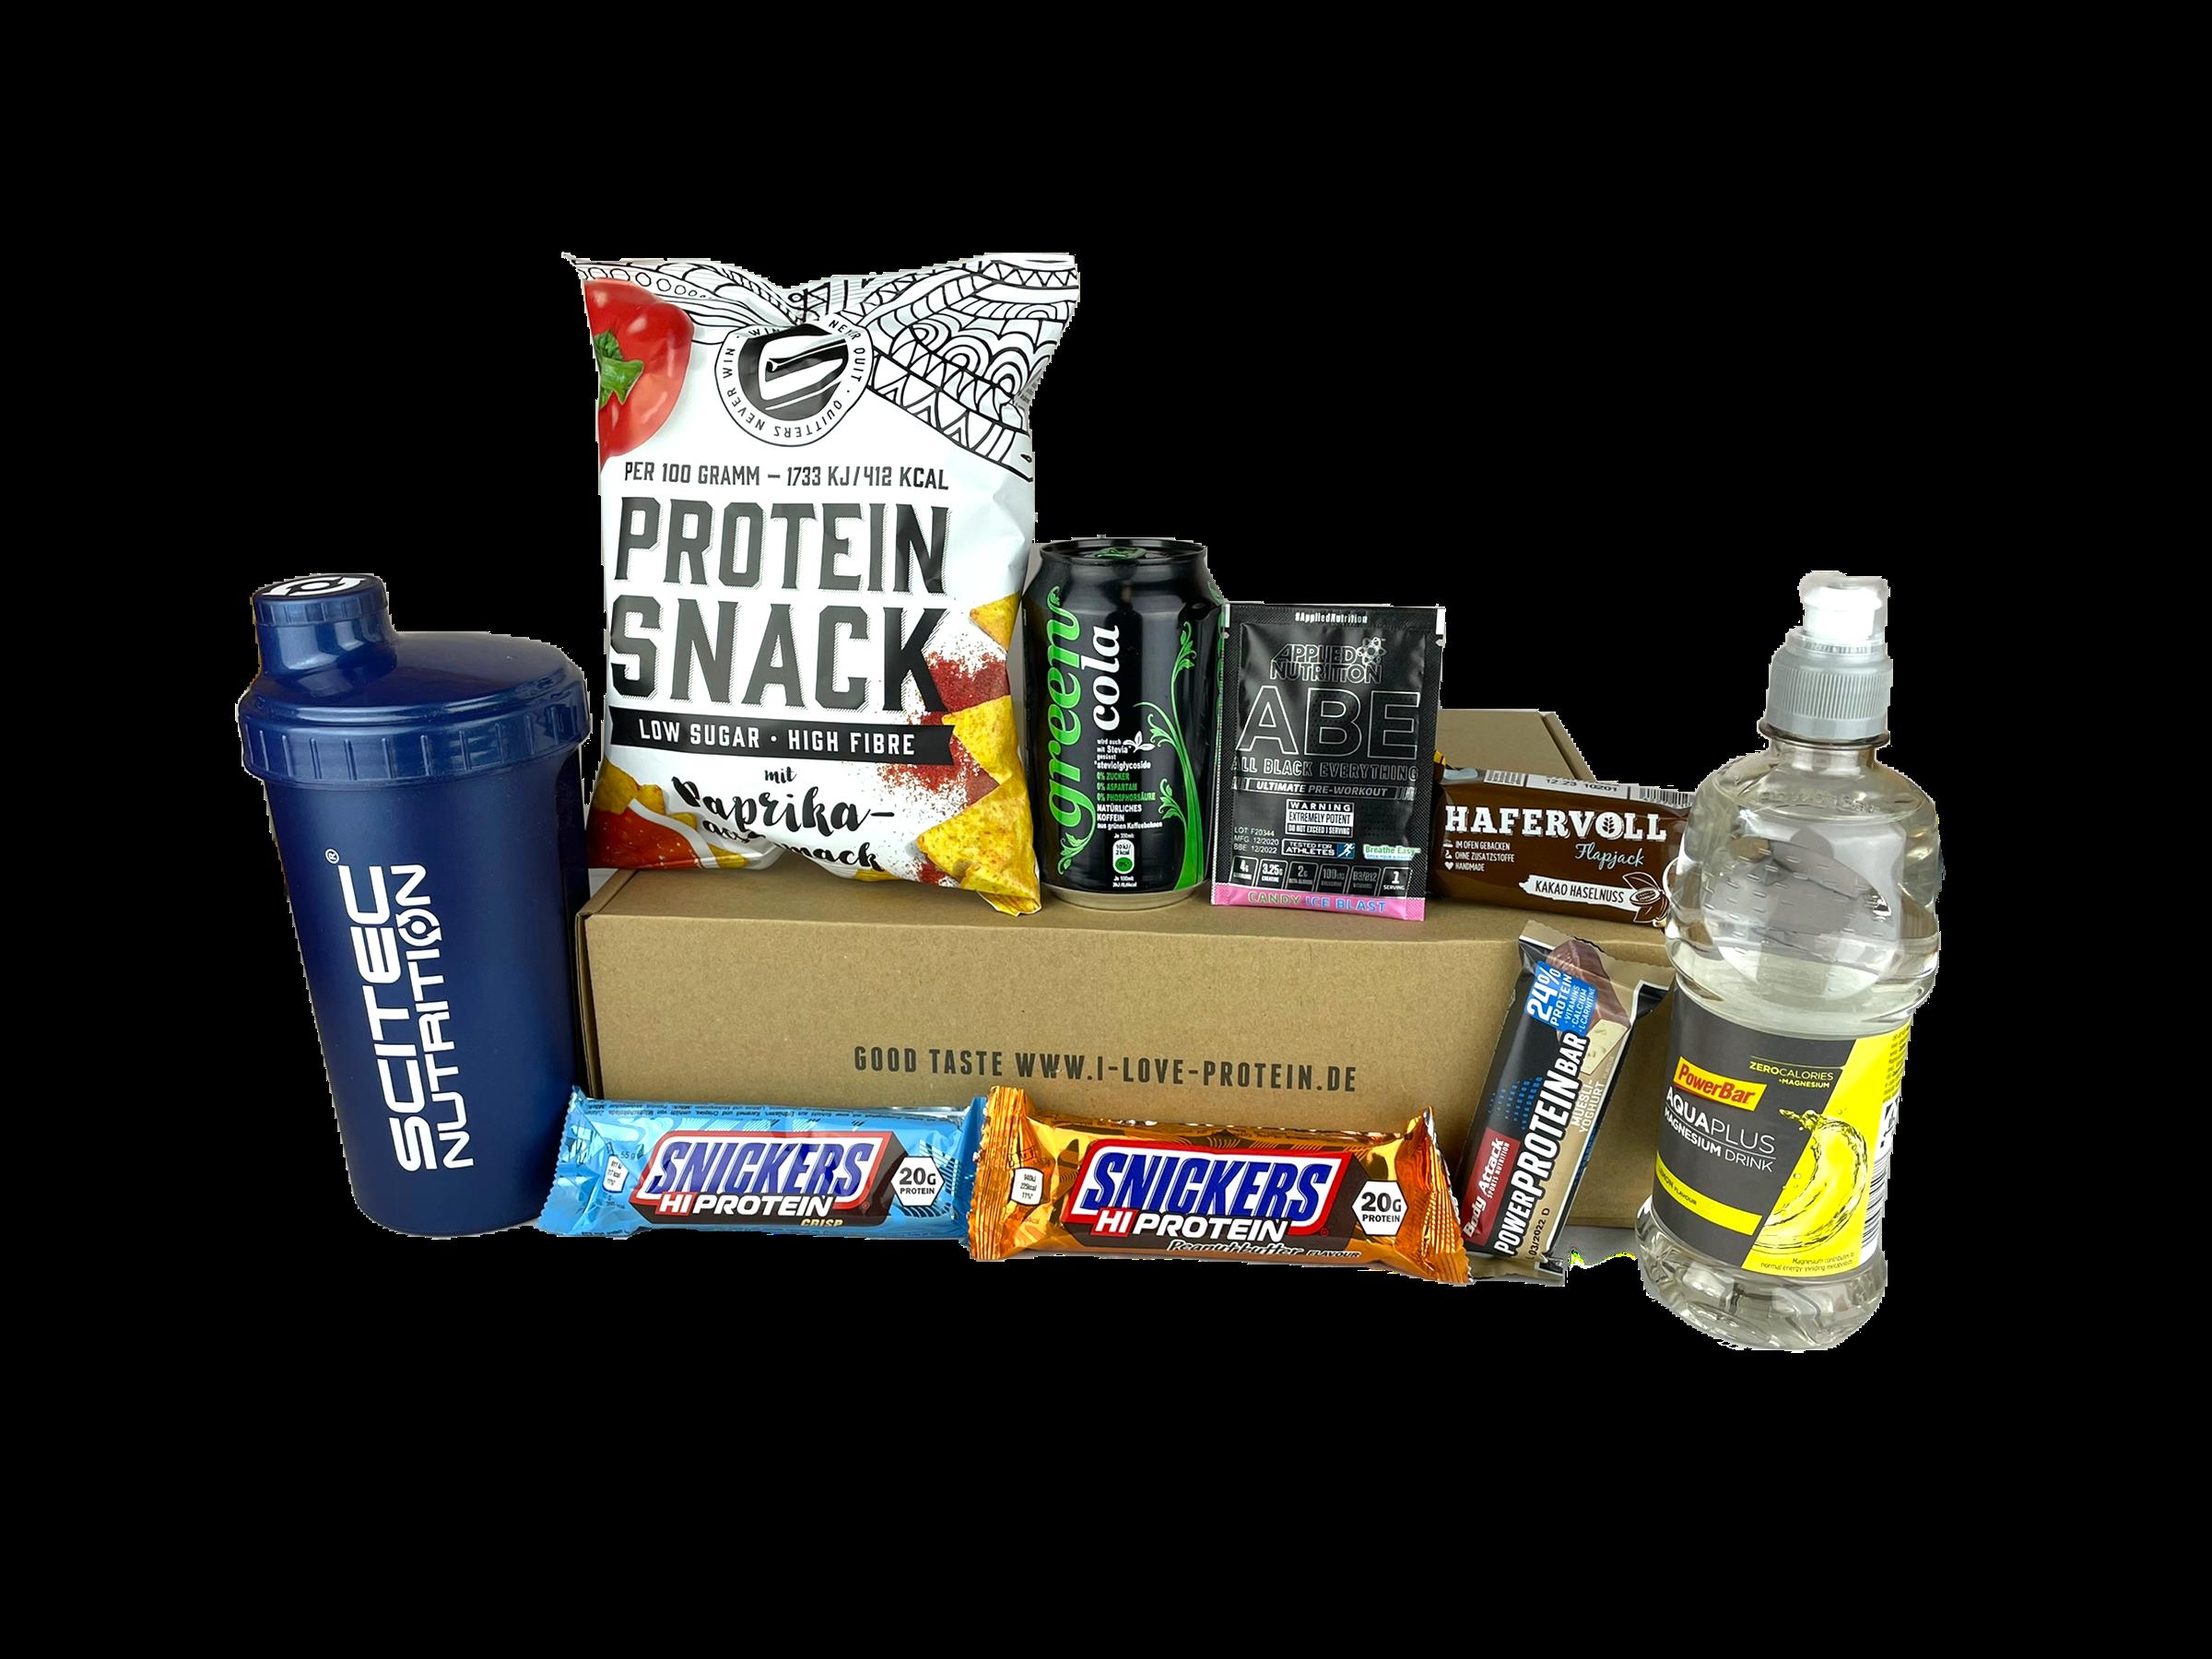 I-Love-Protein September Box